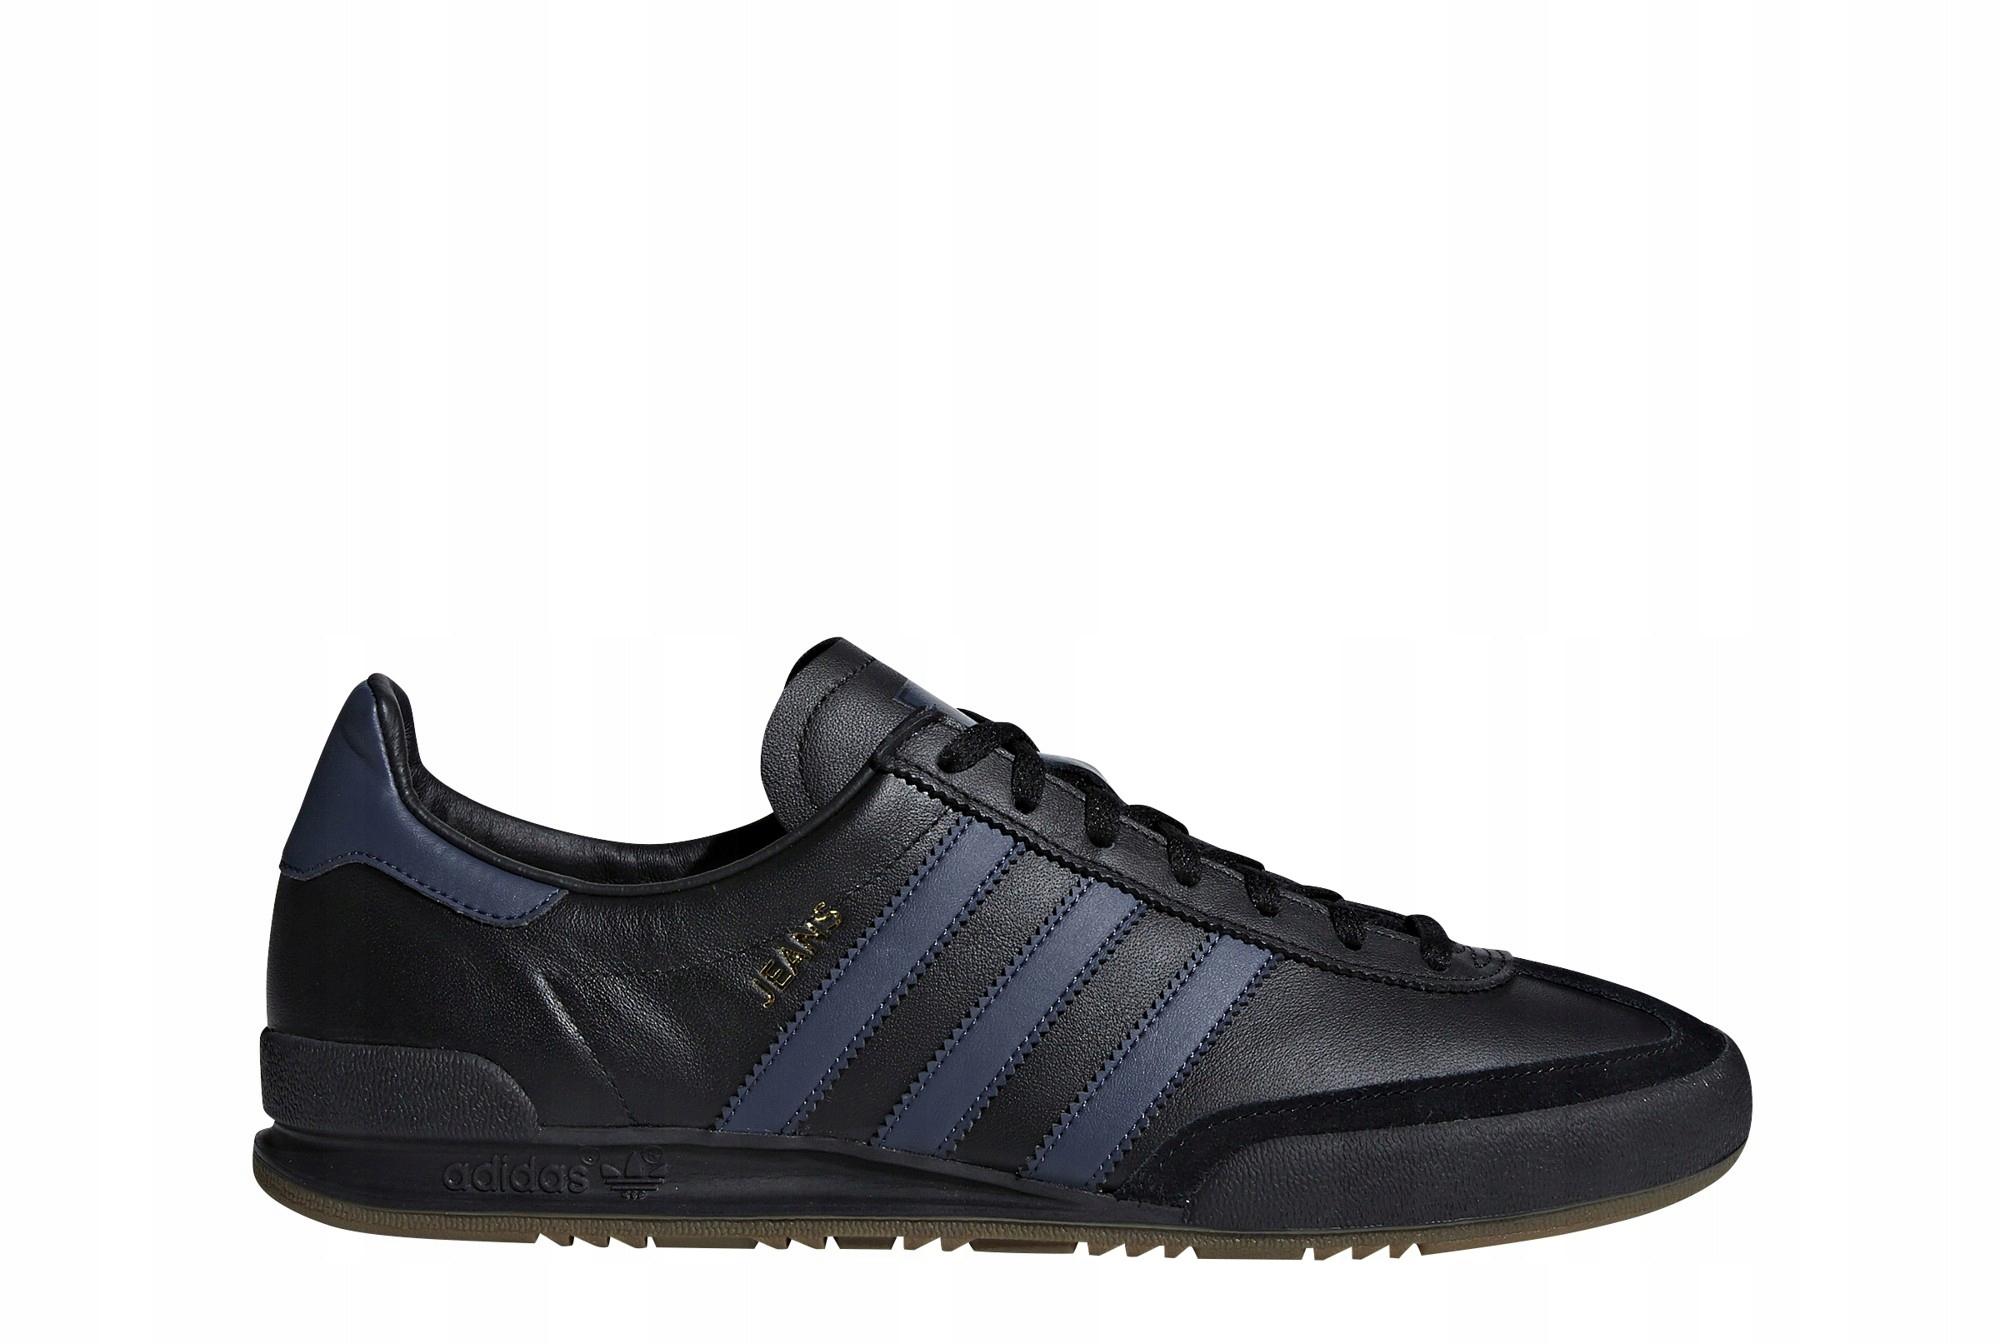 Adidas buty skórzane JEANS brązowe ze skóry 43 13